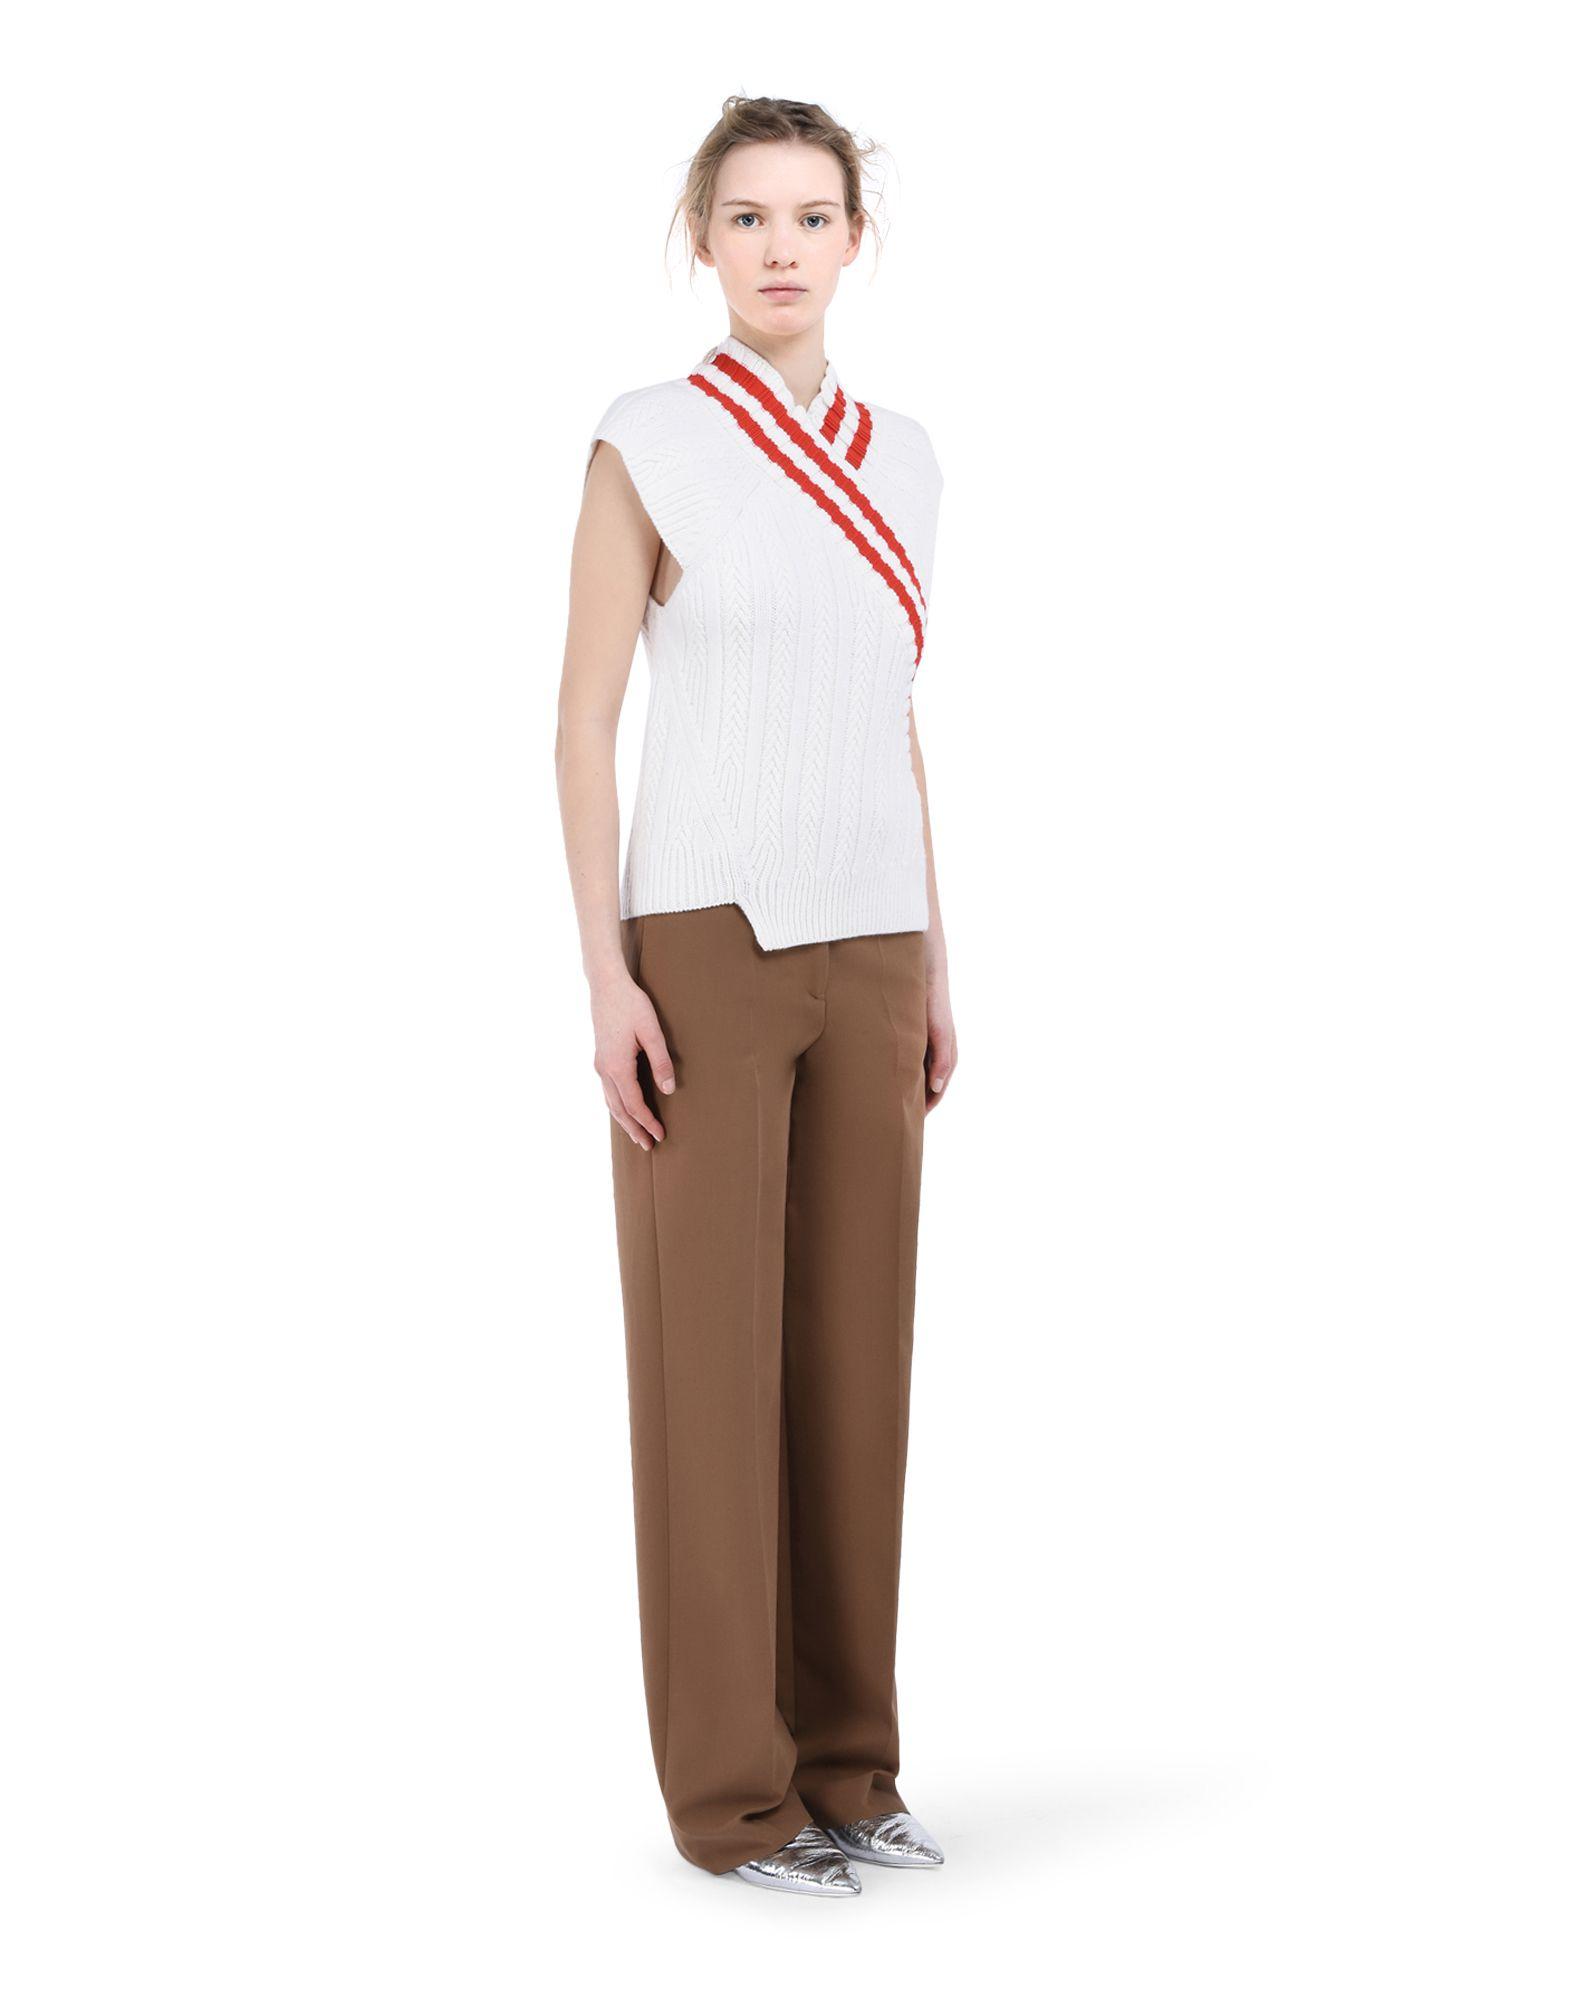 Knit vest - JIL SANDER Online Store